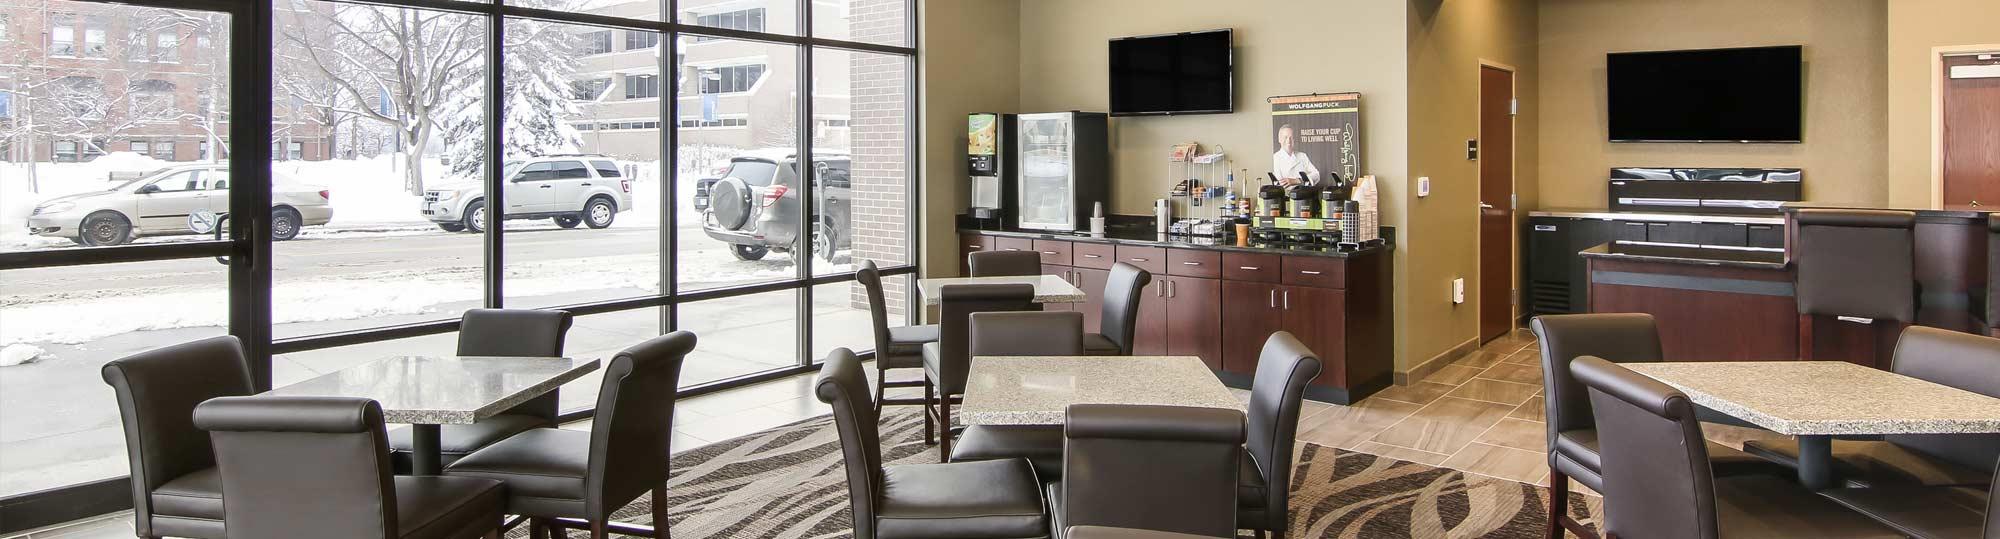 Cobblestone Inn & Suites – UW Stout Menomonie